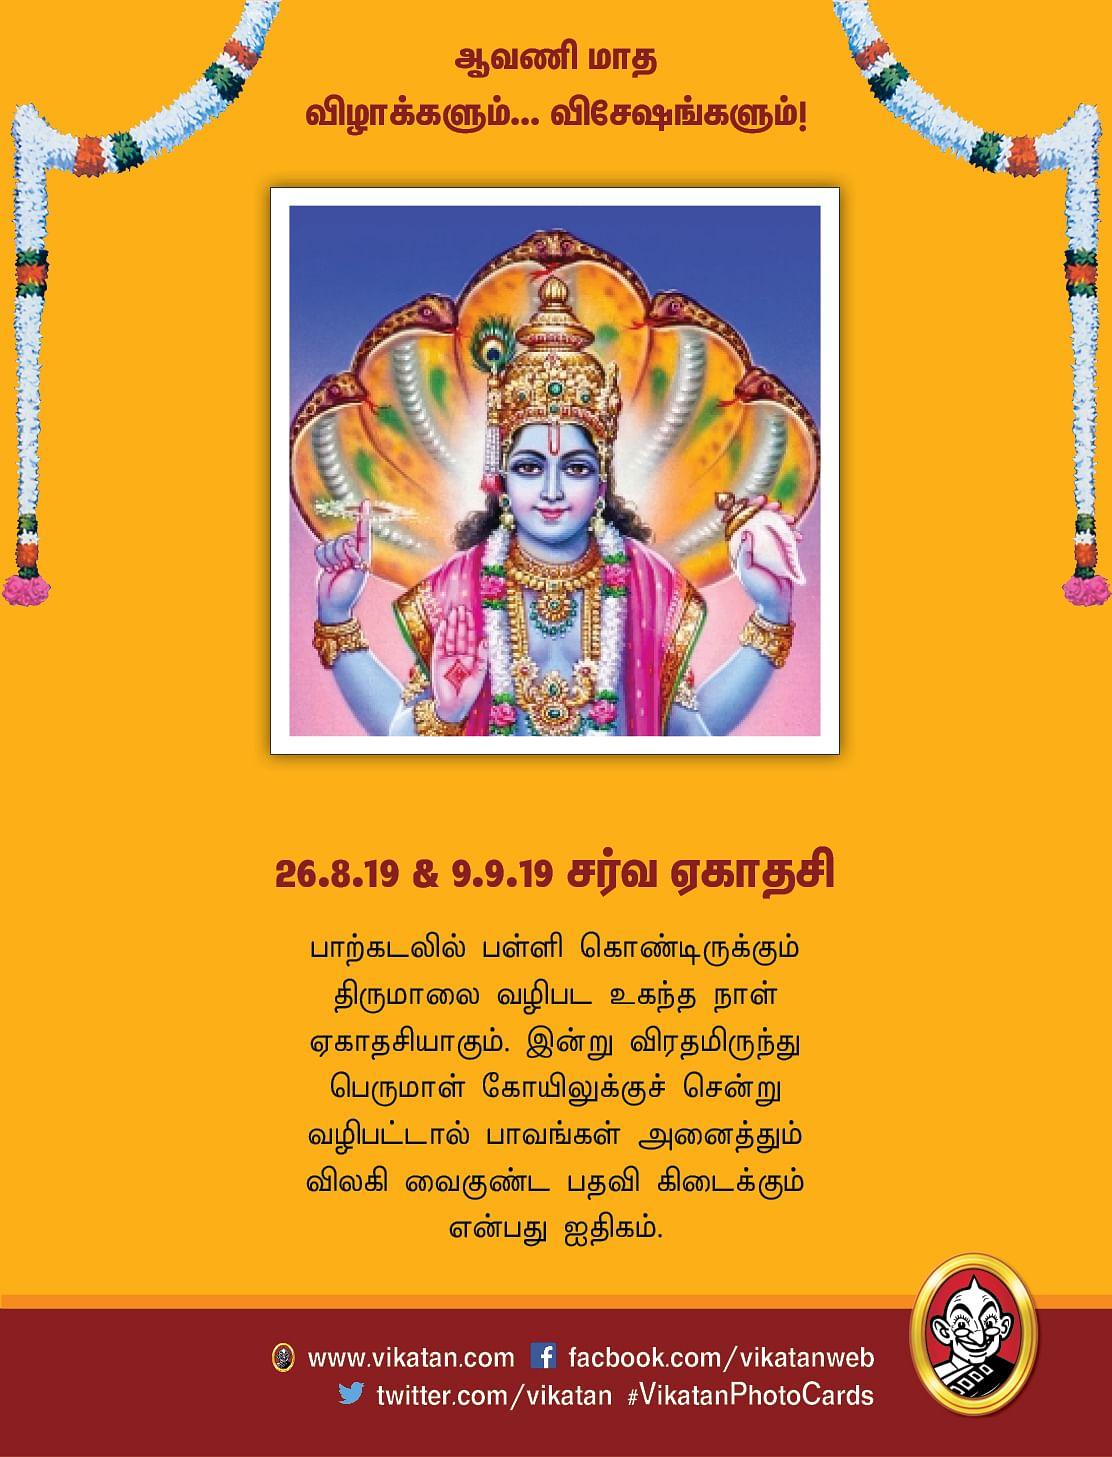 சர்வ ஏகாதசி